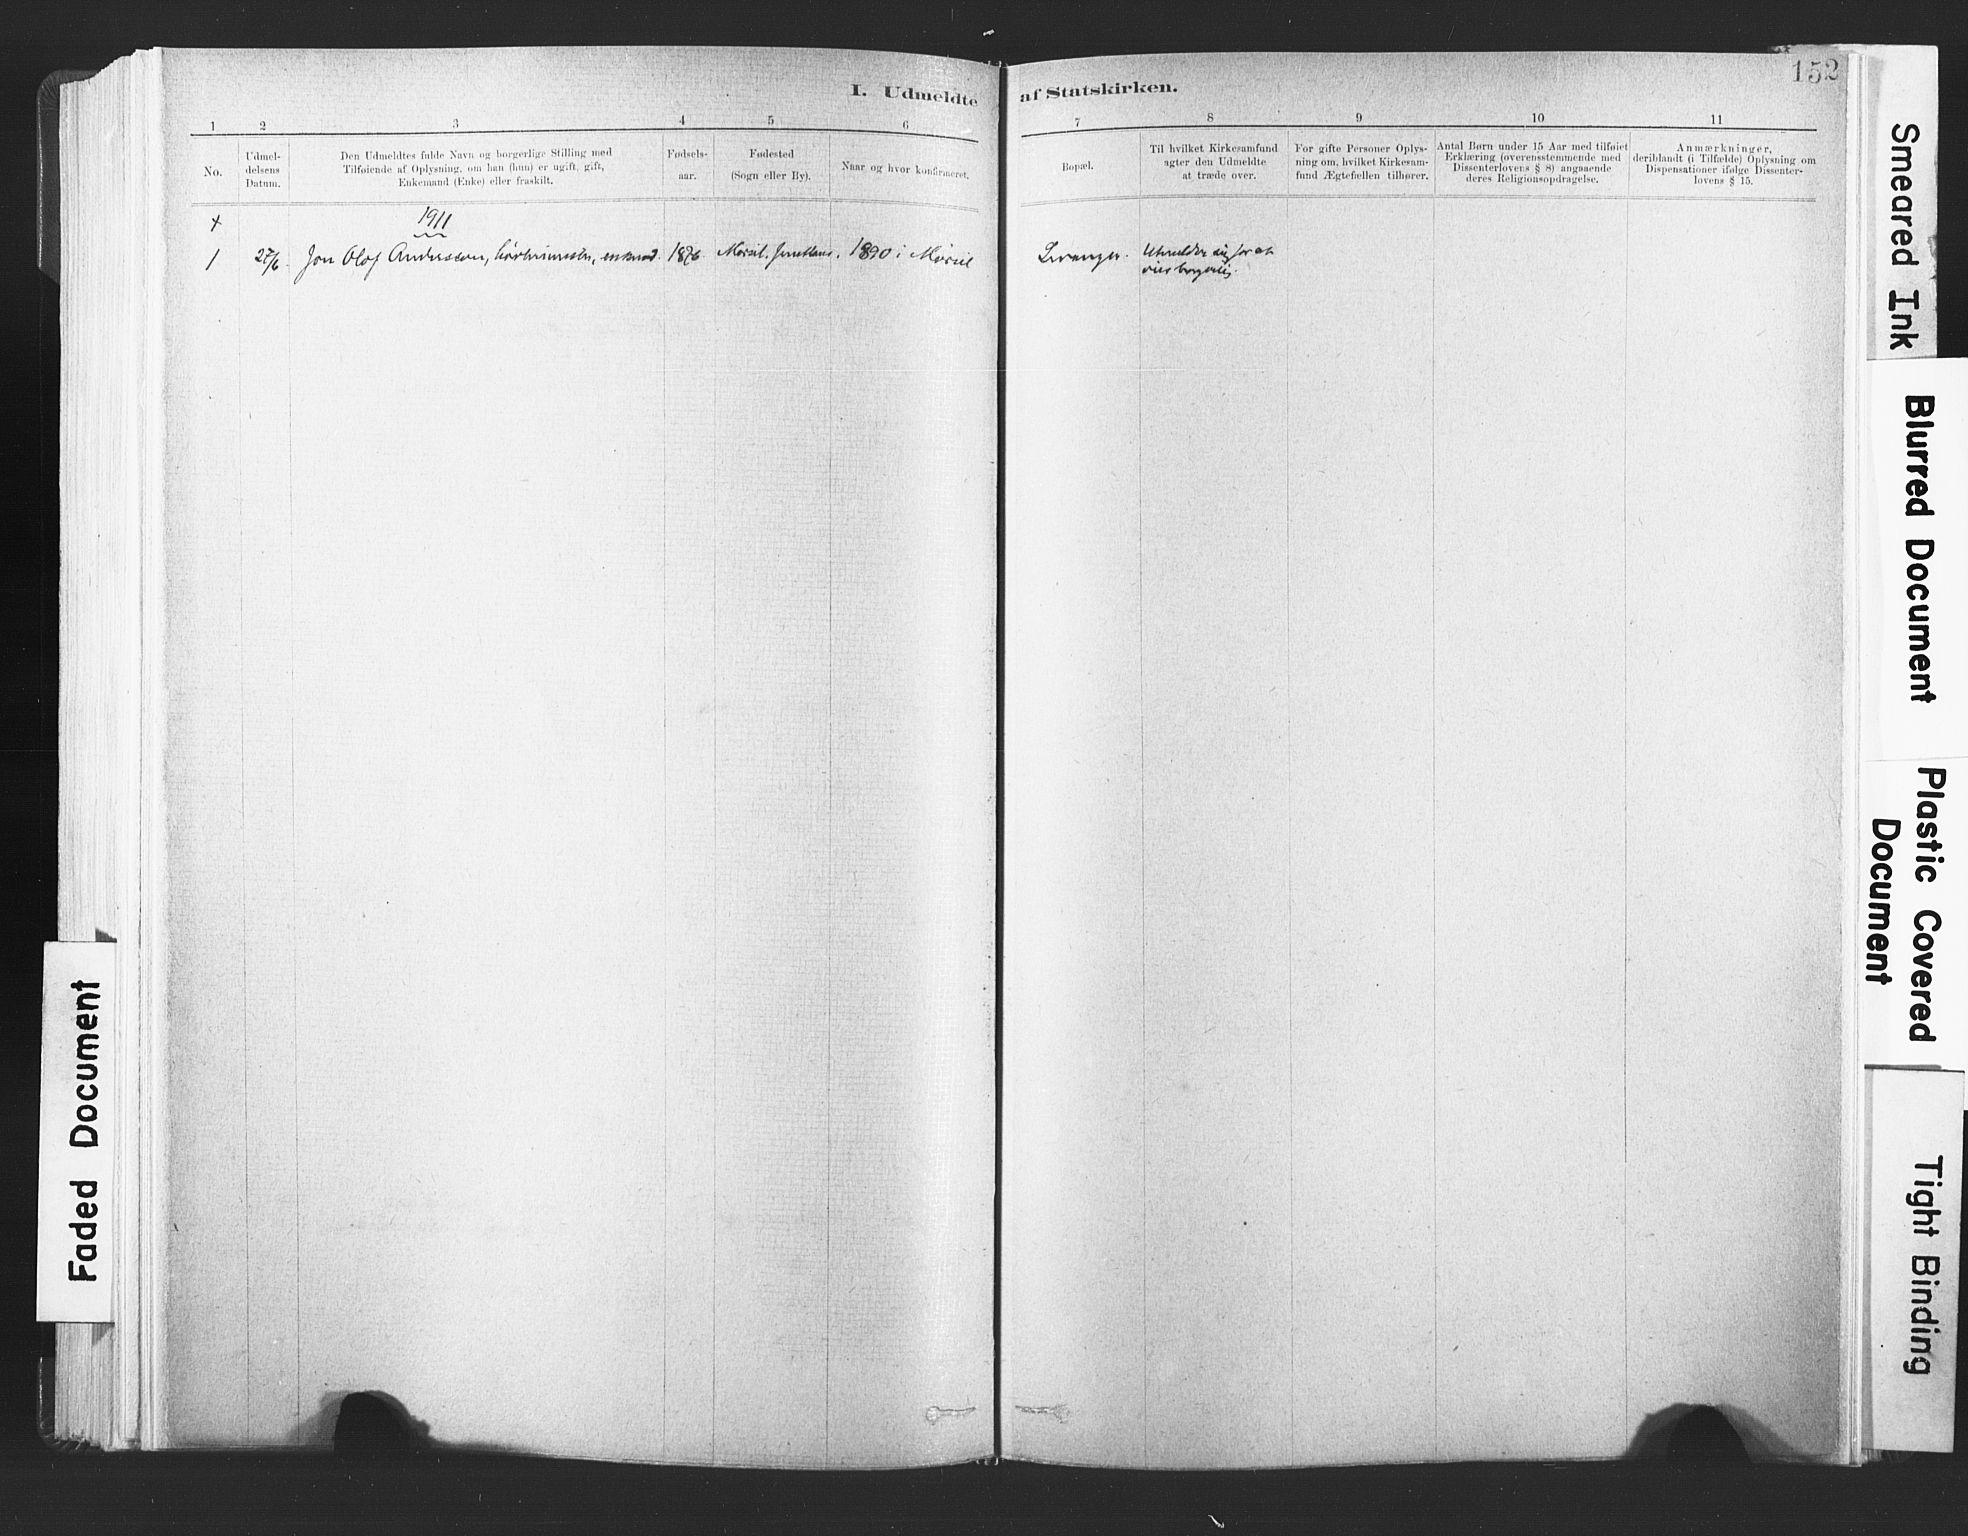 SAT, Ministerialprotokoller, klokkerbøker og fødselsregistre - Nord-Trøndelag, 720/L0189: Ministerialbok nr. 720A05, 1880-1911, s. 152